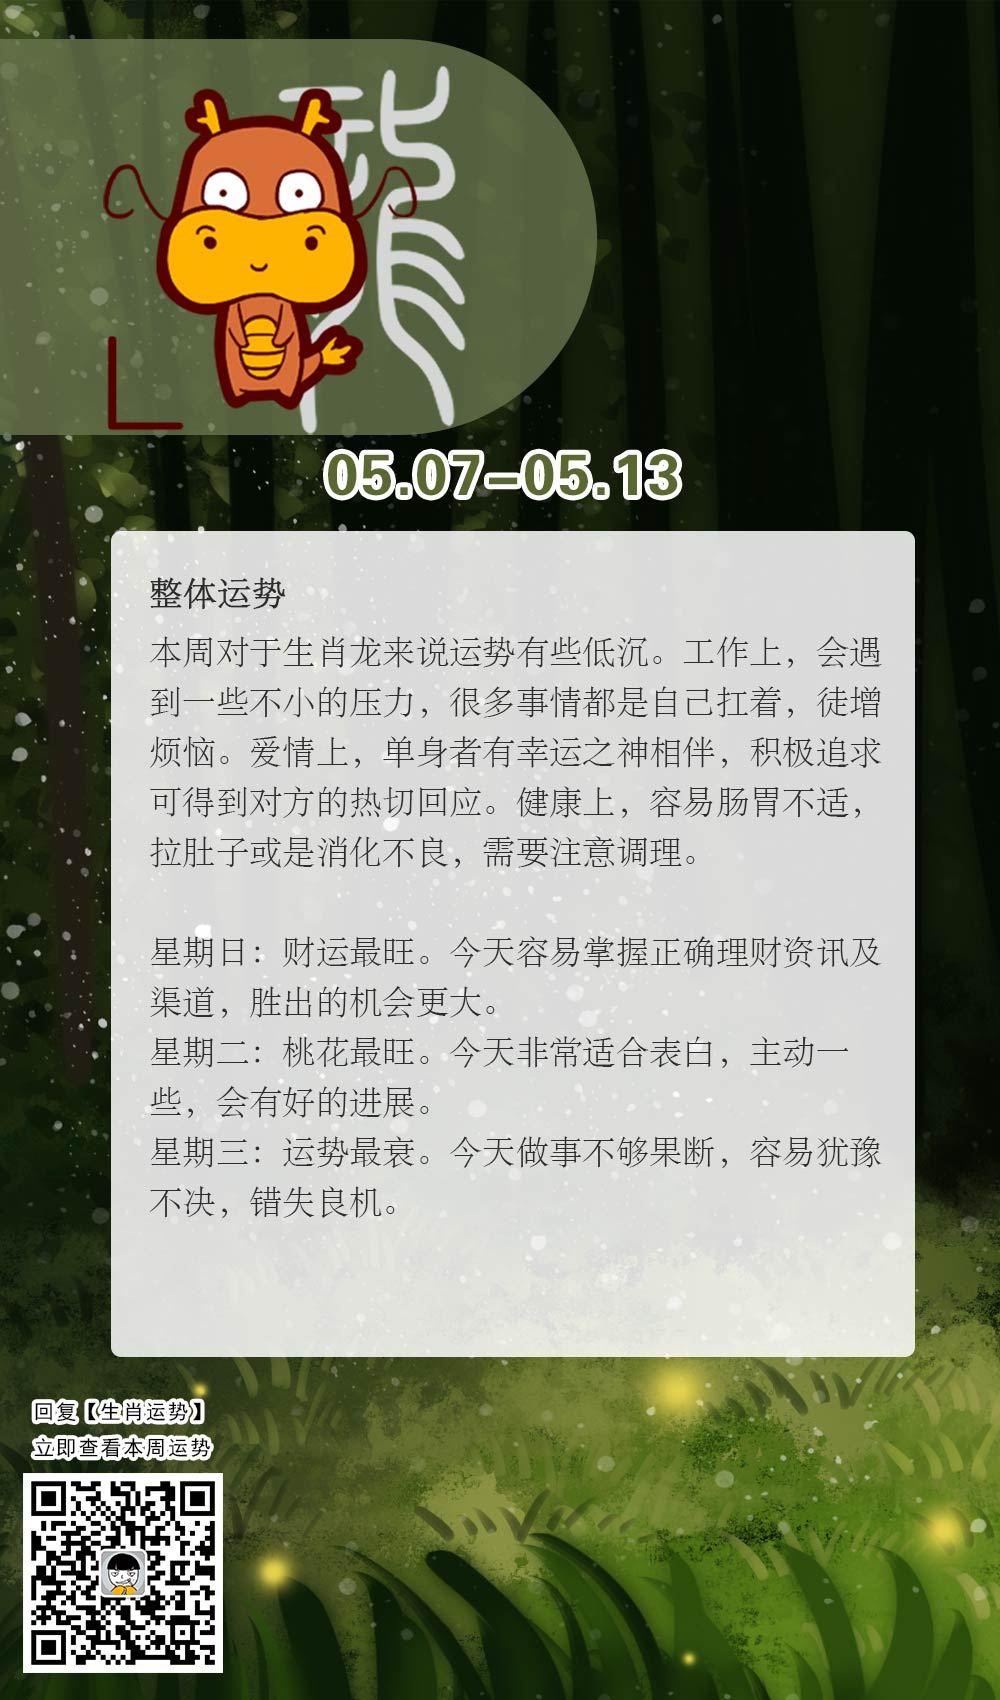 生肖龙本周运势【2018.05.07-05.13】